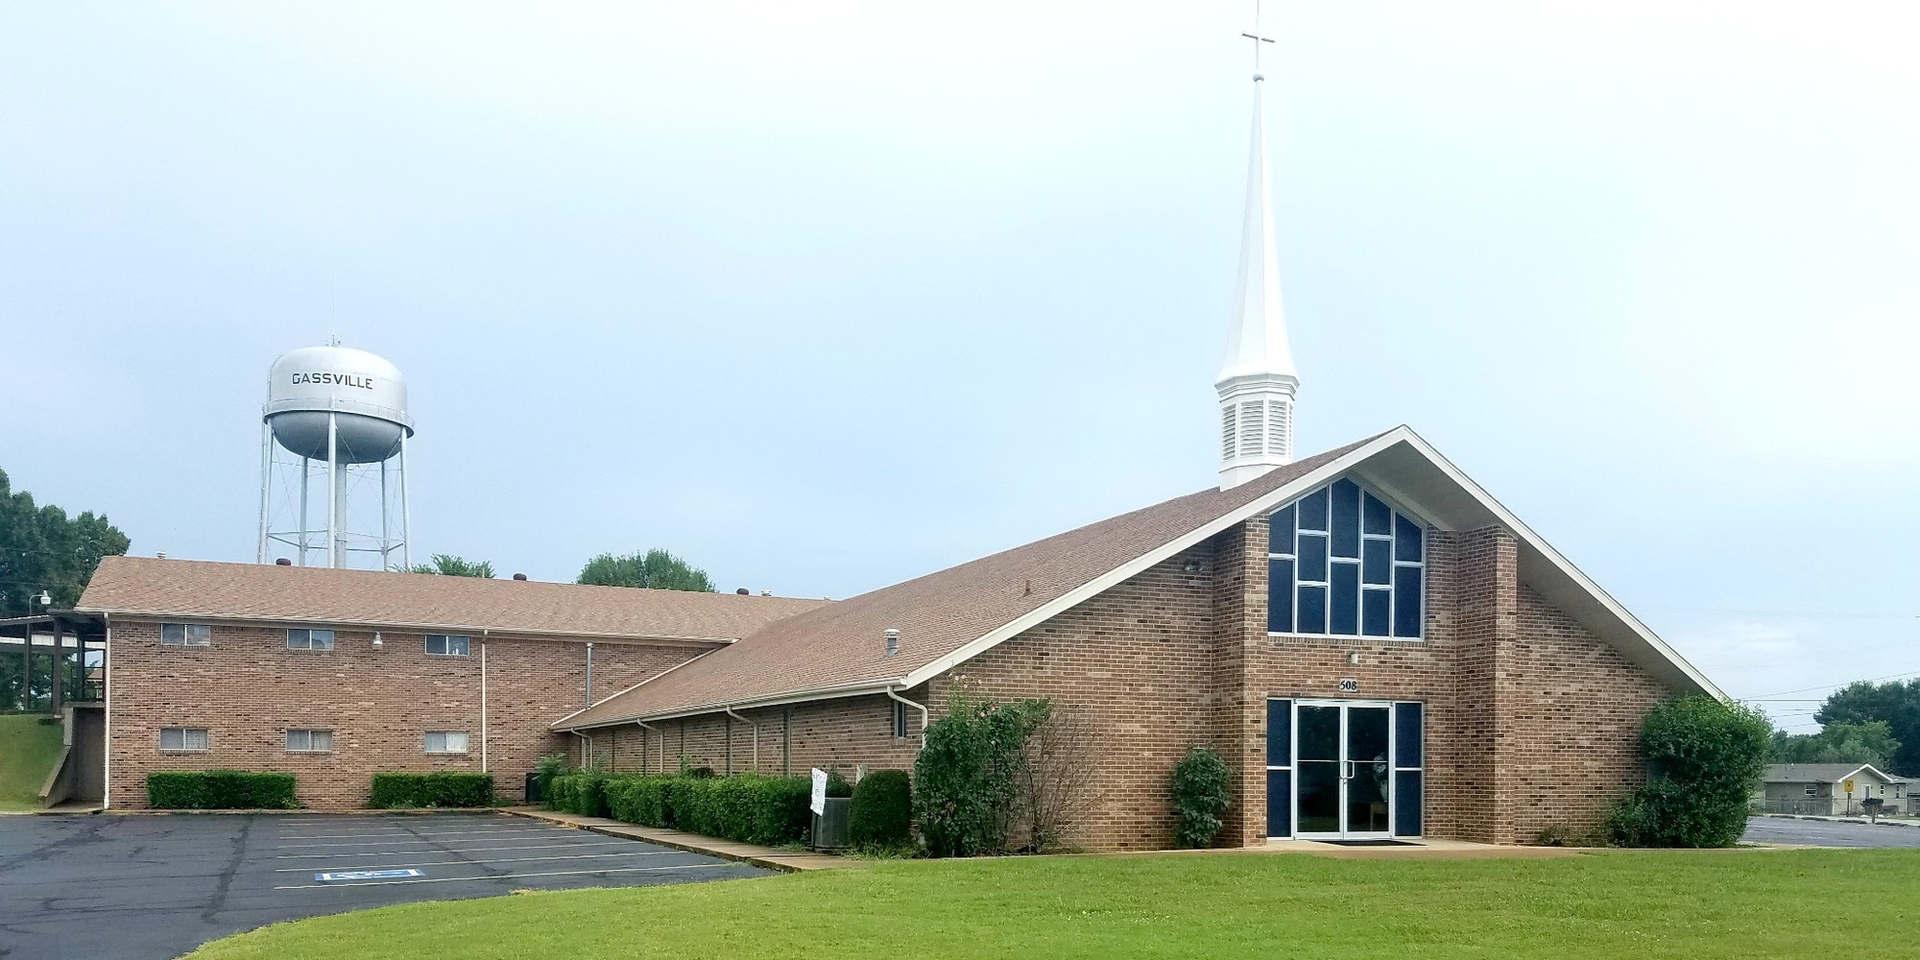 Gassville Baptist Church